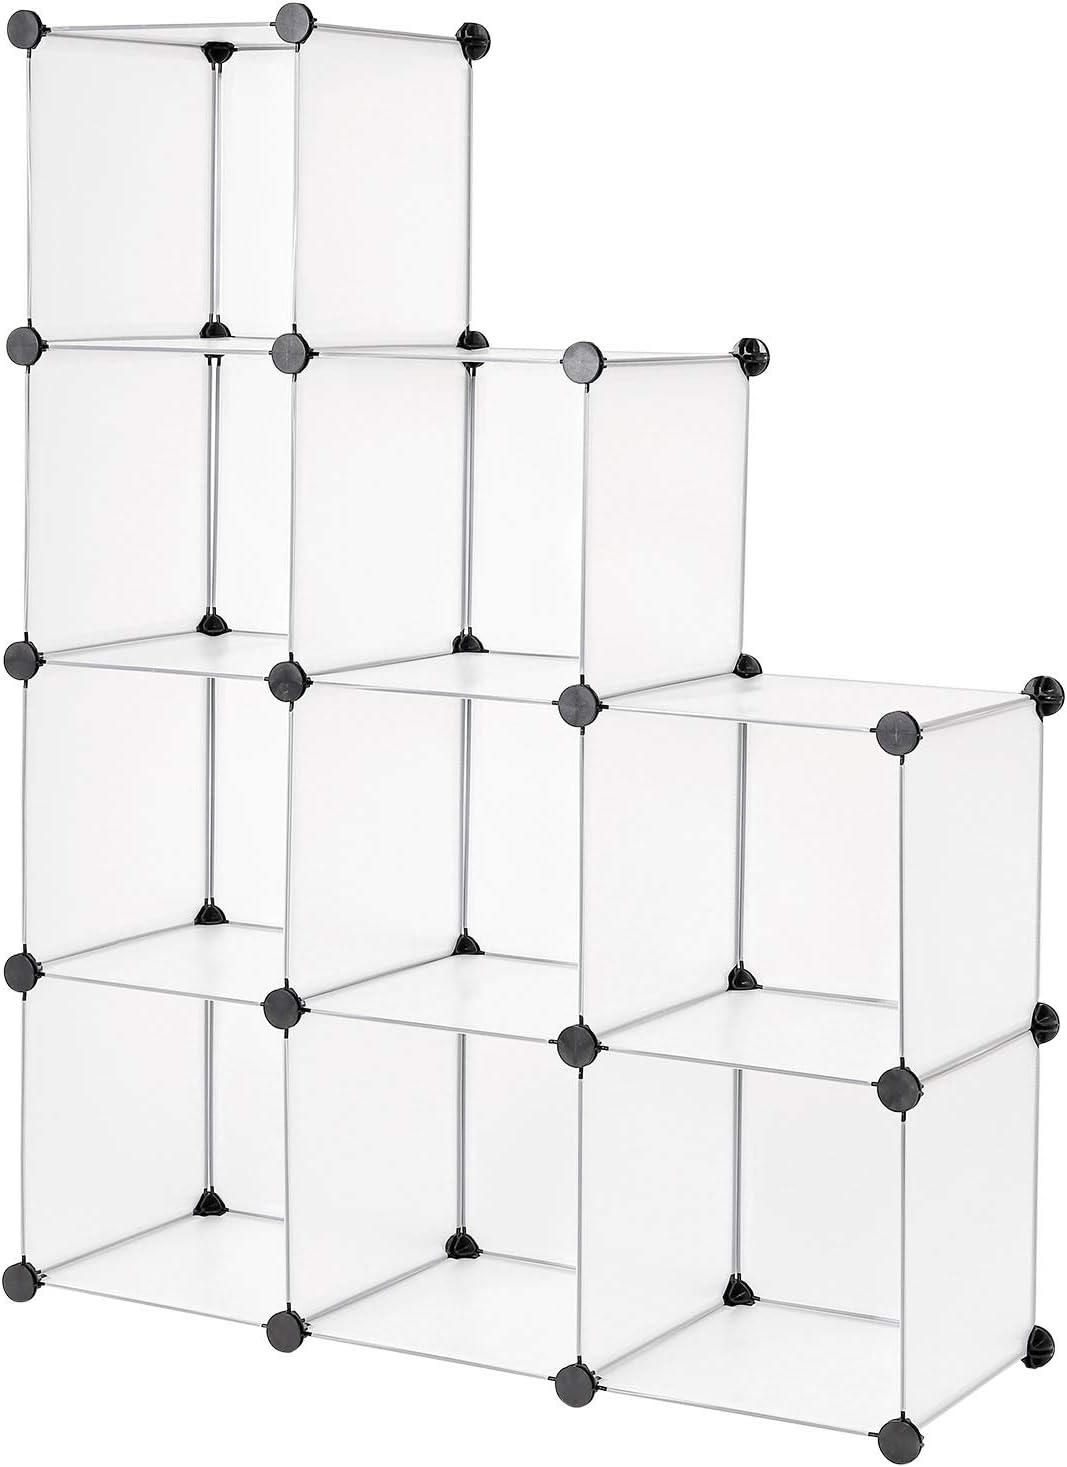 Dibea Modular, Armario, Sistema de estantería, Zapatero, 9 Compartimentos, 9 Fächer, 30 x 30 cm